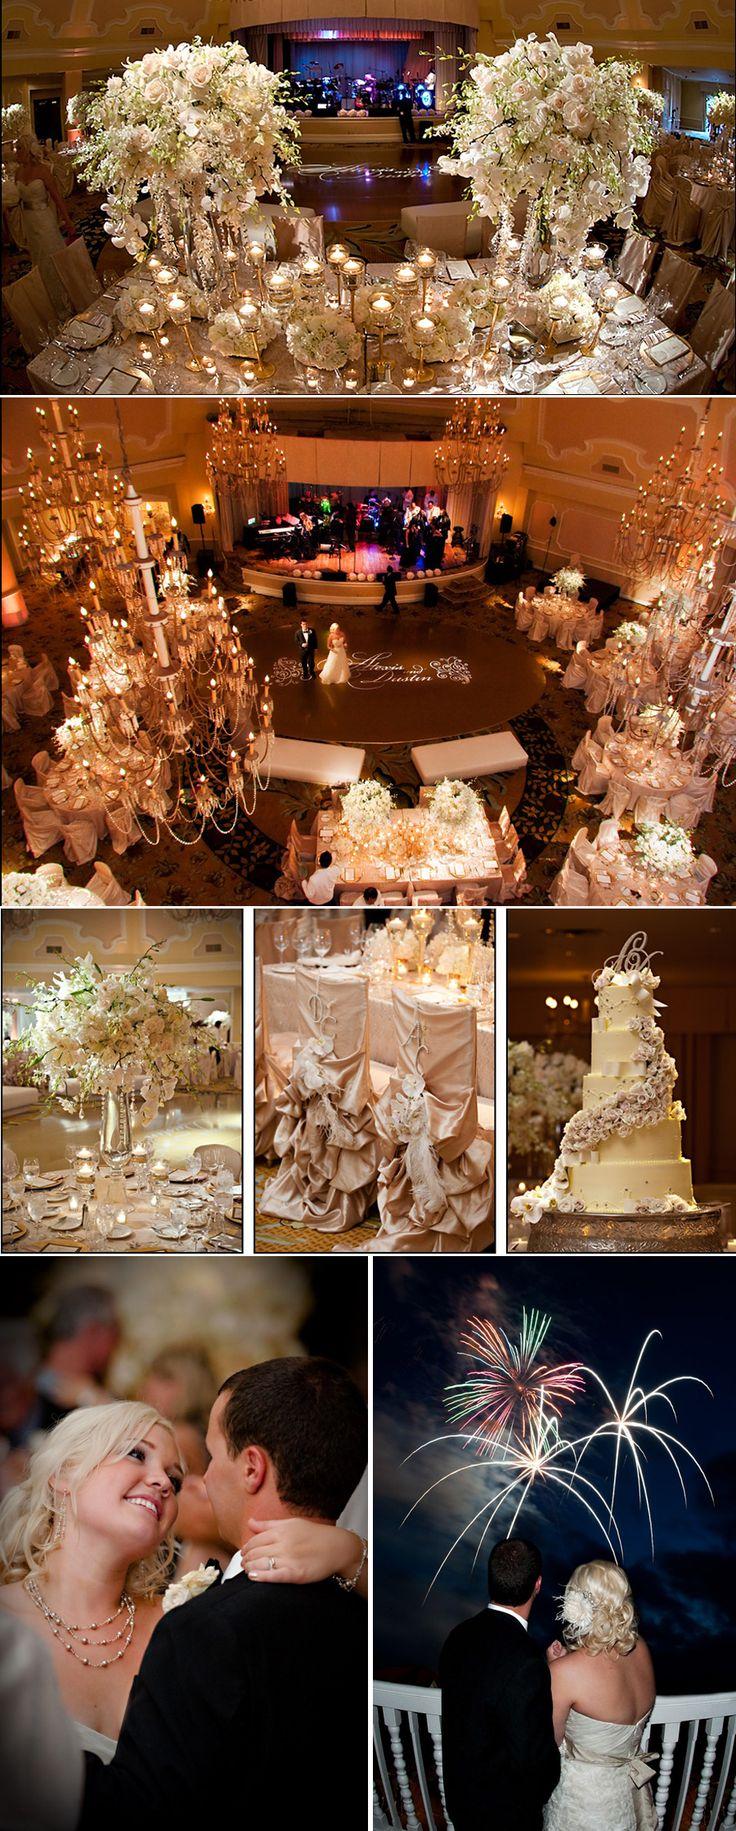 Me encantaria los fuegos artificiales en la boda y ame el arreglo de las sillas